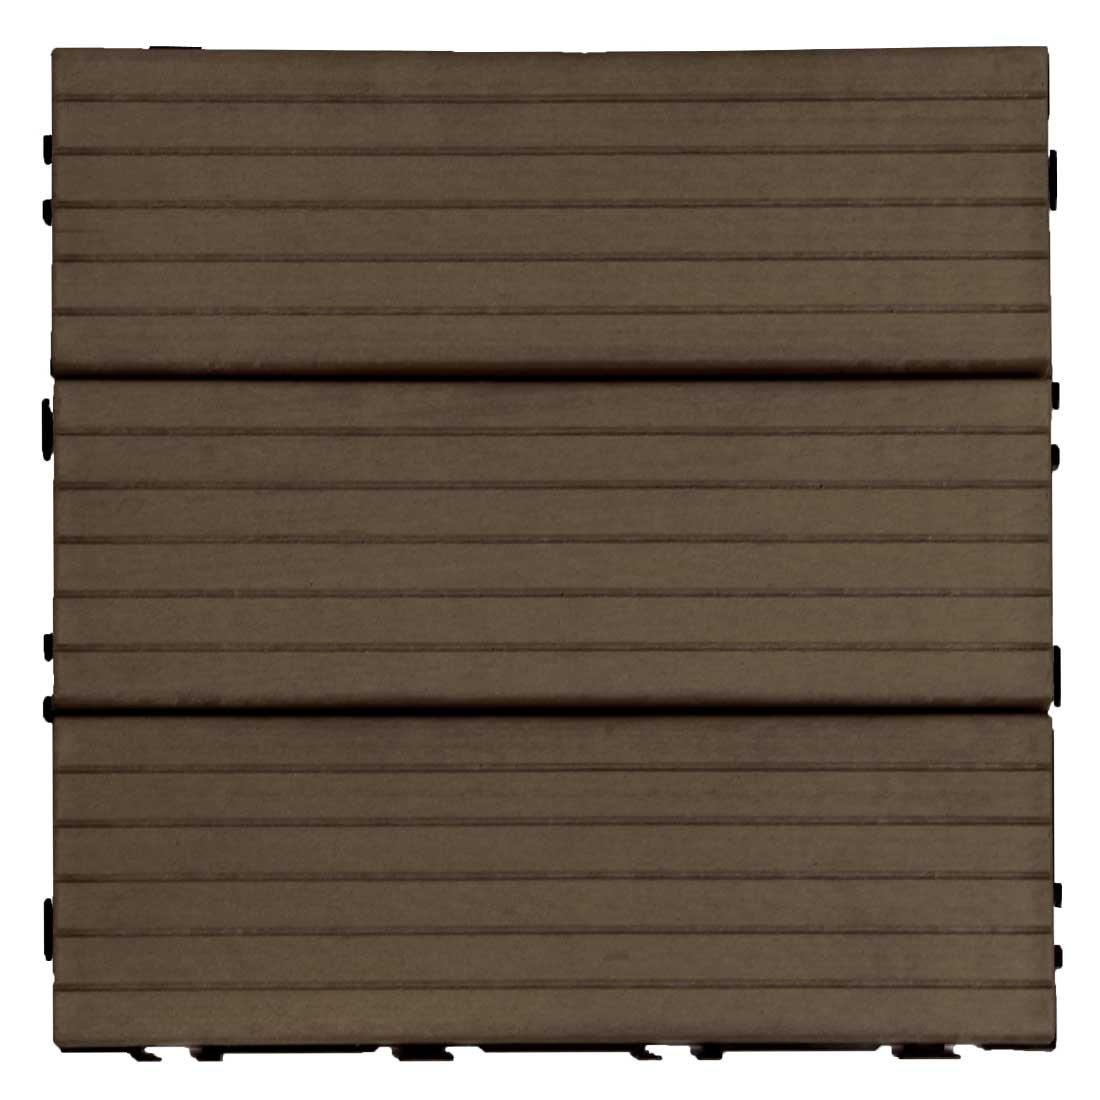 タンスのゲン ウッドパネル 樹脂 81枚セット 7.3平米用 ジョイント式 30×30cm 正方形 Bタイプ:ブラウン AM000088 07 B071XXXX3H 81枚セット|ブラウン(Bタイプ)